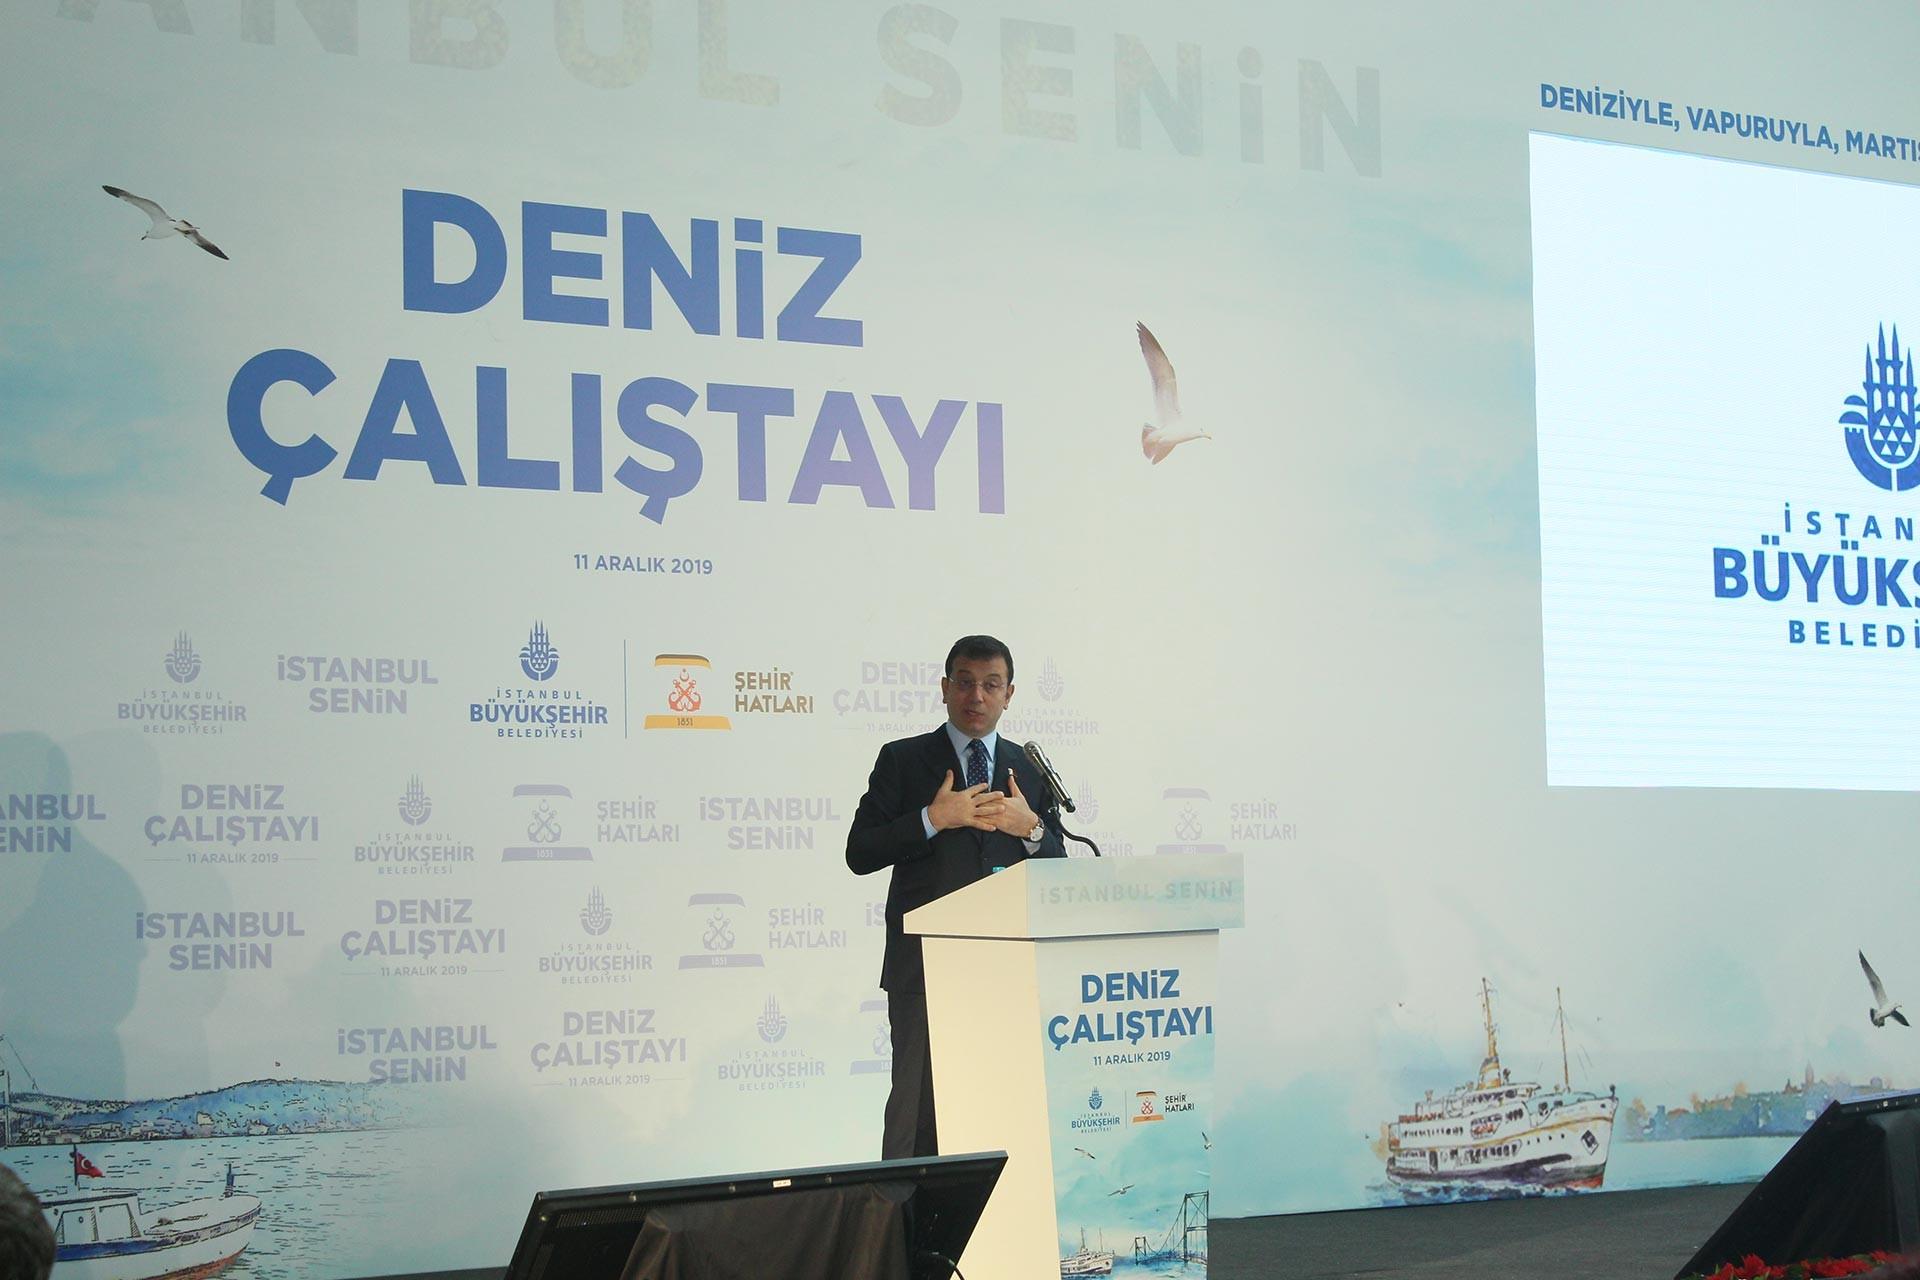 İBB Başkanı Ekrem İmamoğlu, Deniz Çalıştayı'nda kürsüde konuşurken